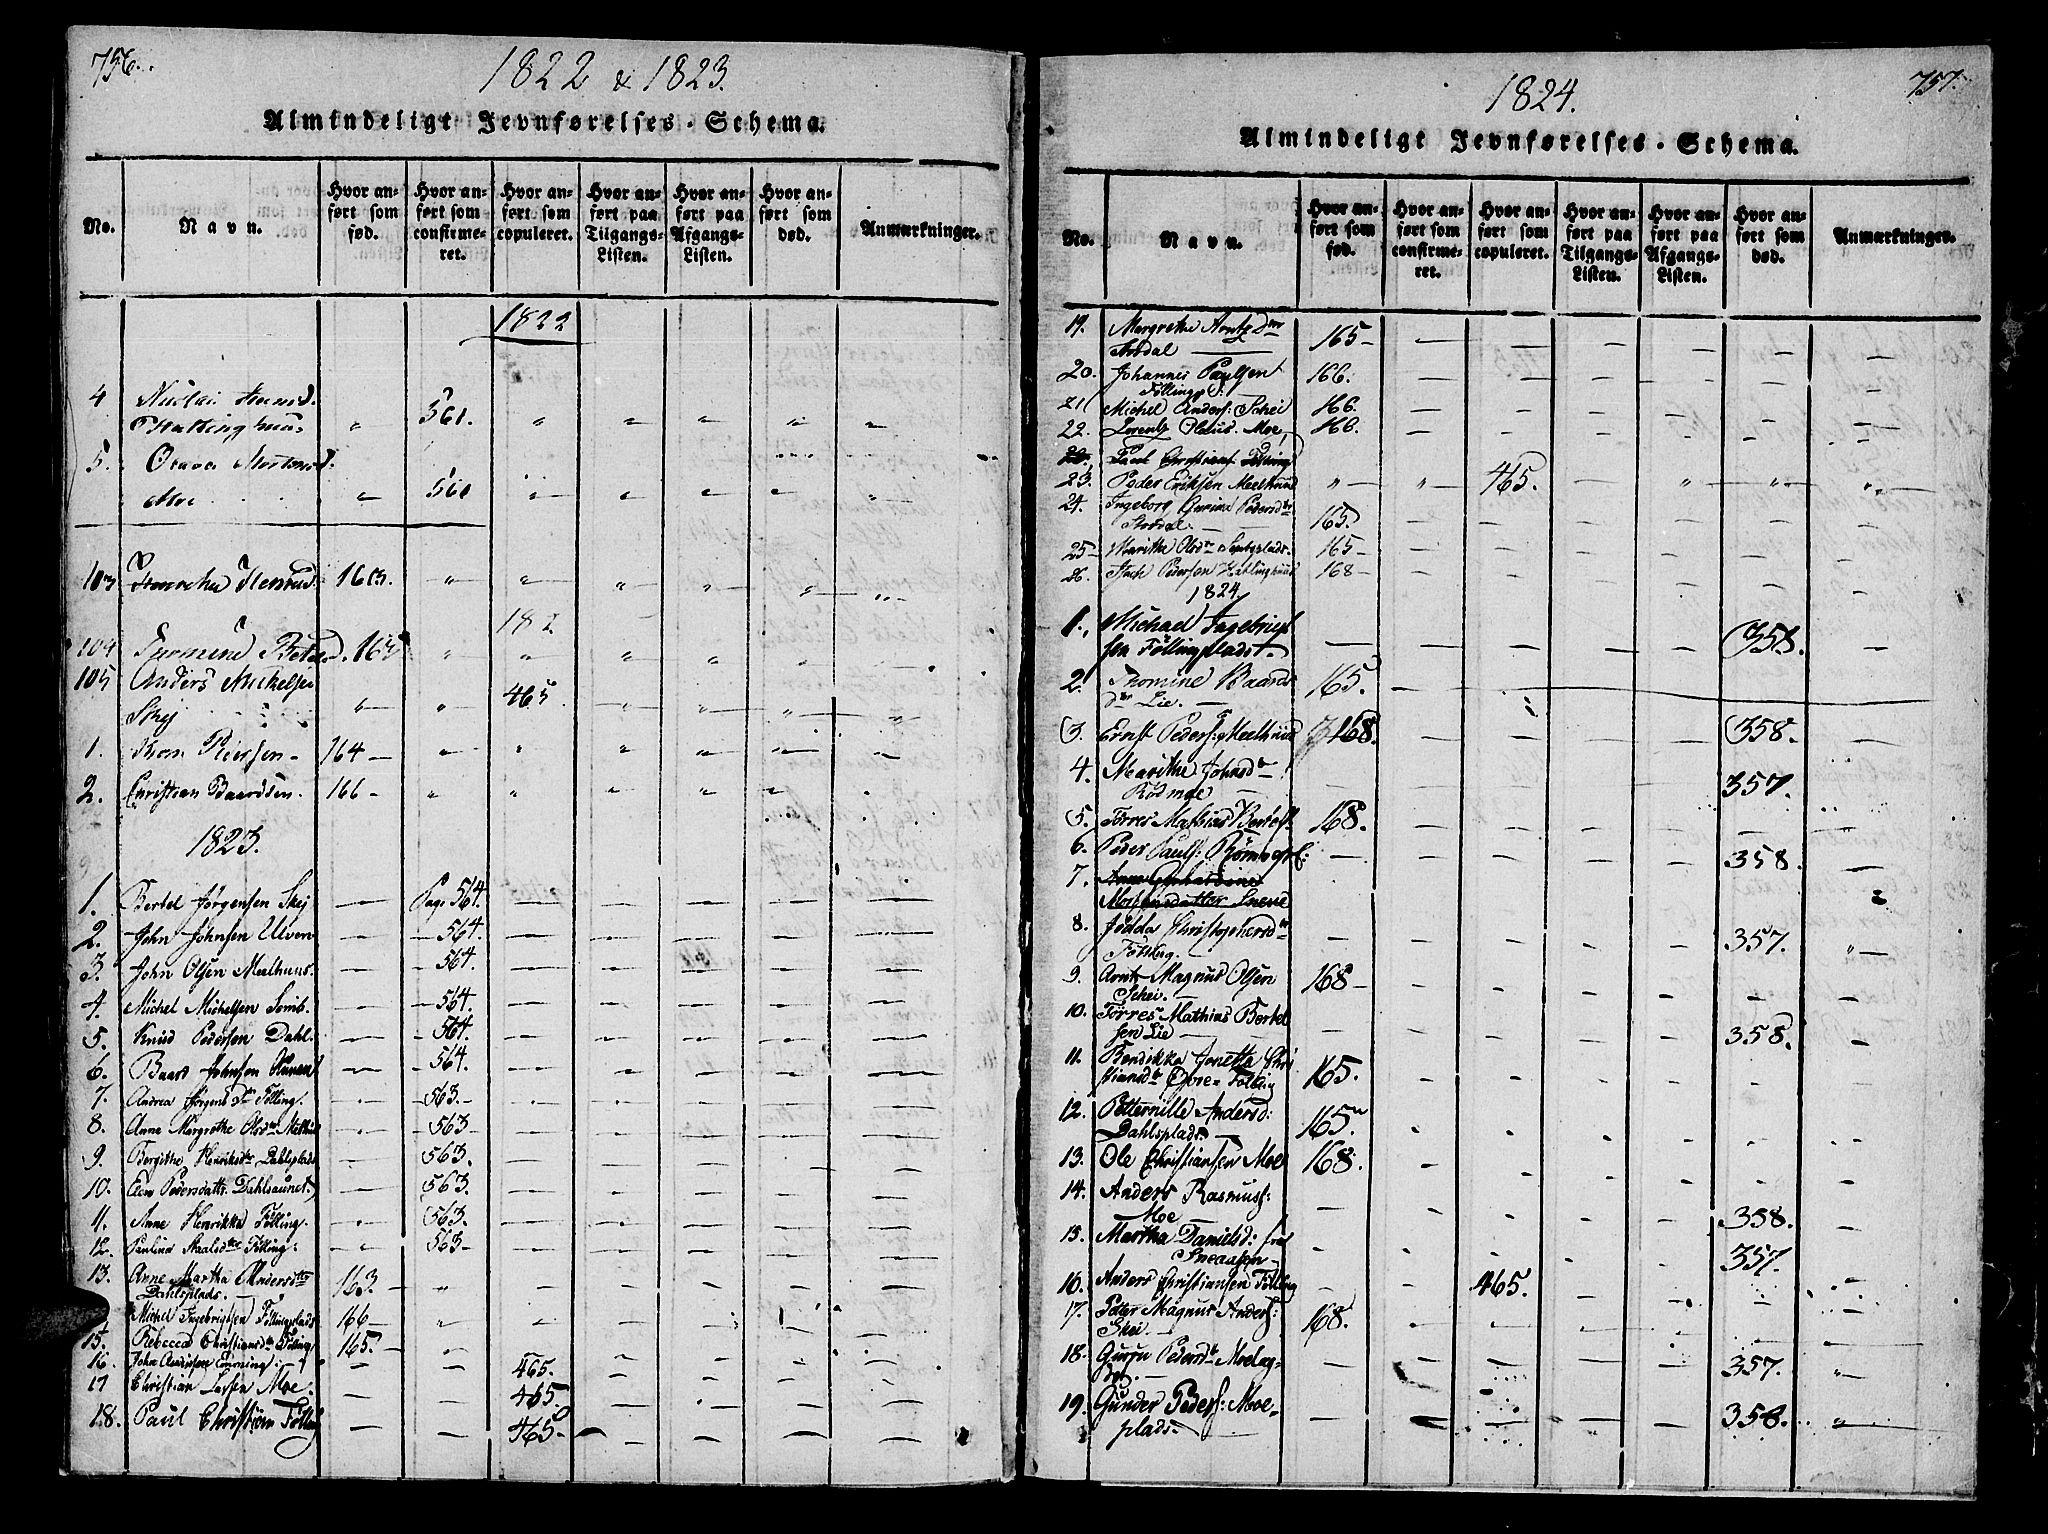 SAT, Ministerialprotokoller, klokkerbøker og fødselsregistre - Nord-Trøndelag, 746/L0441: Ministerialbok nr. 746A03 /4, 1816-1827, s. 756-757